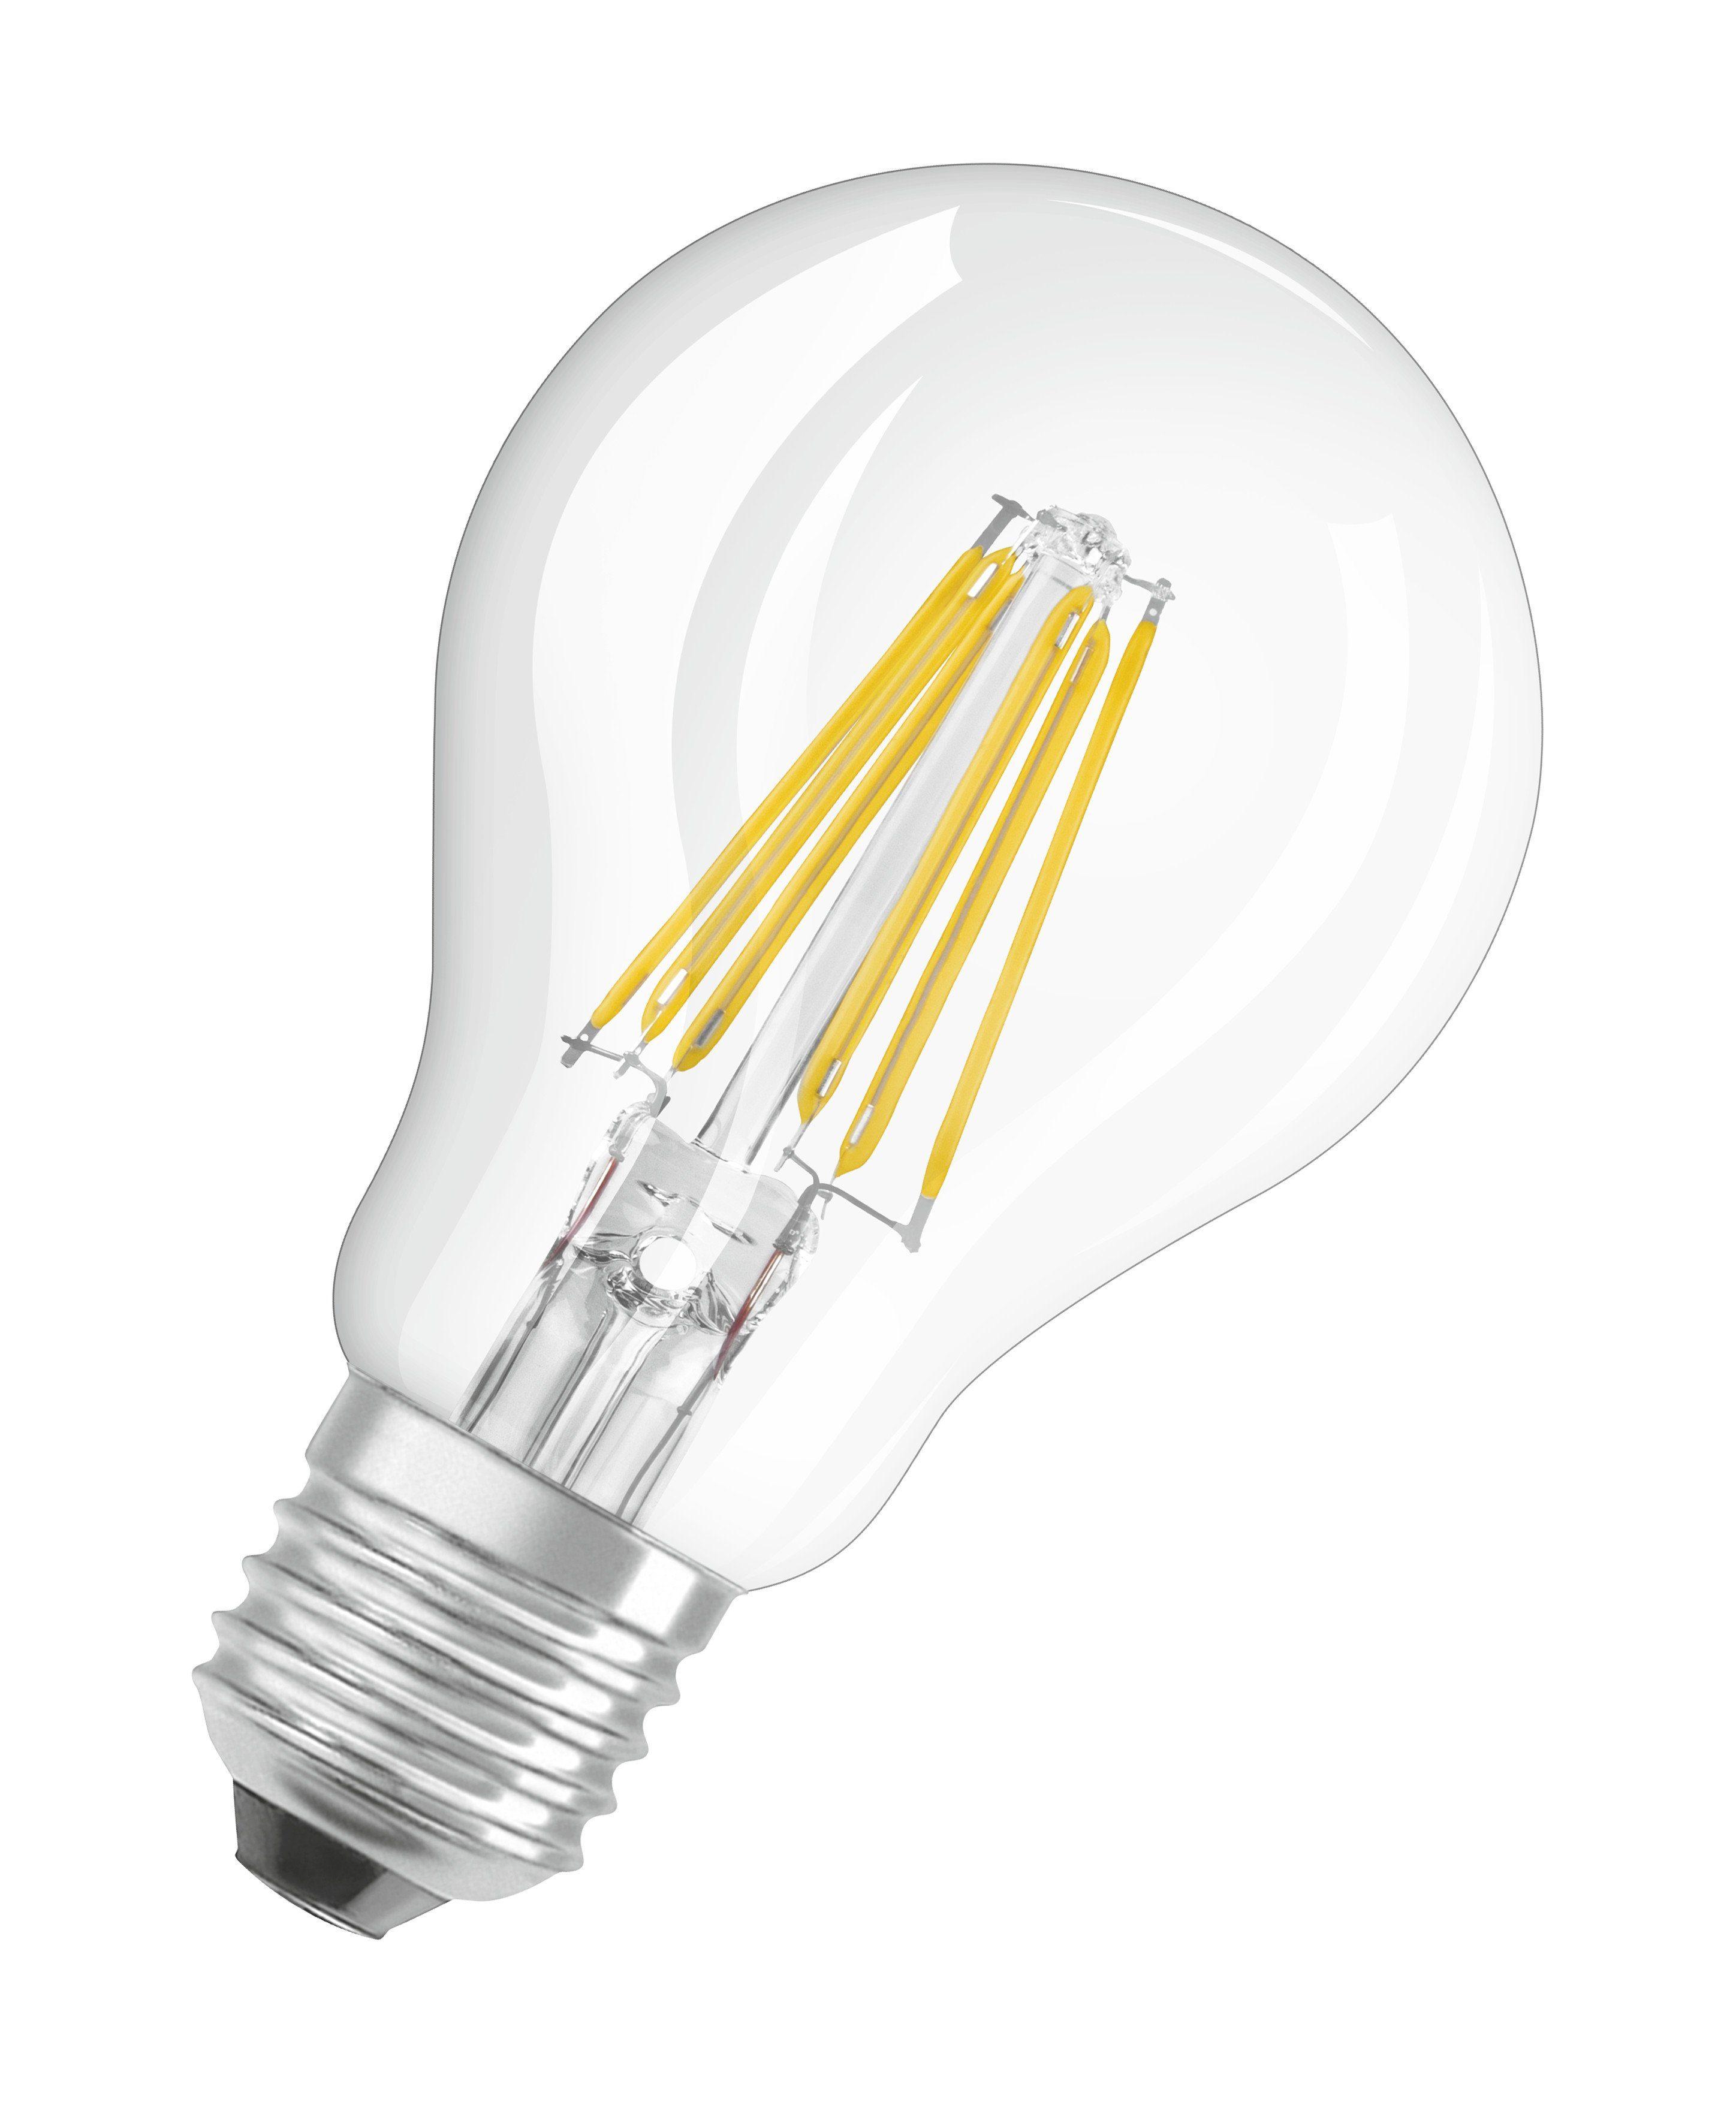 Osram LED Retrofit CLASSIC A Lampe, LED-Lampe »RF CLAS A 75 8 W/827 E27«